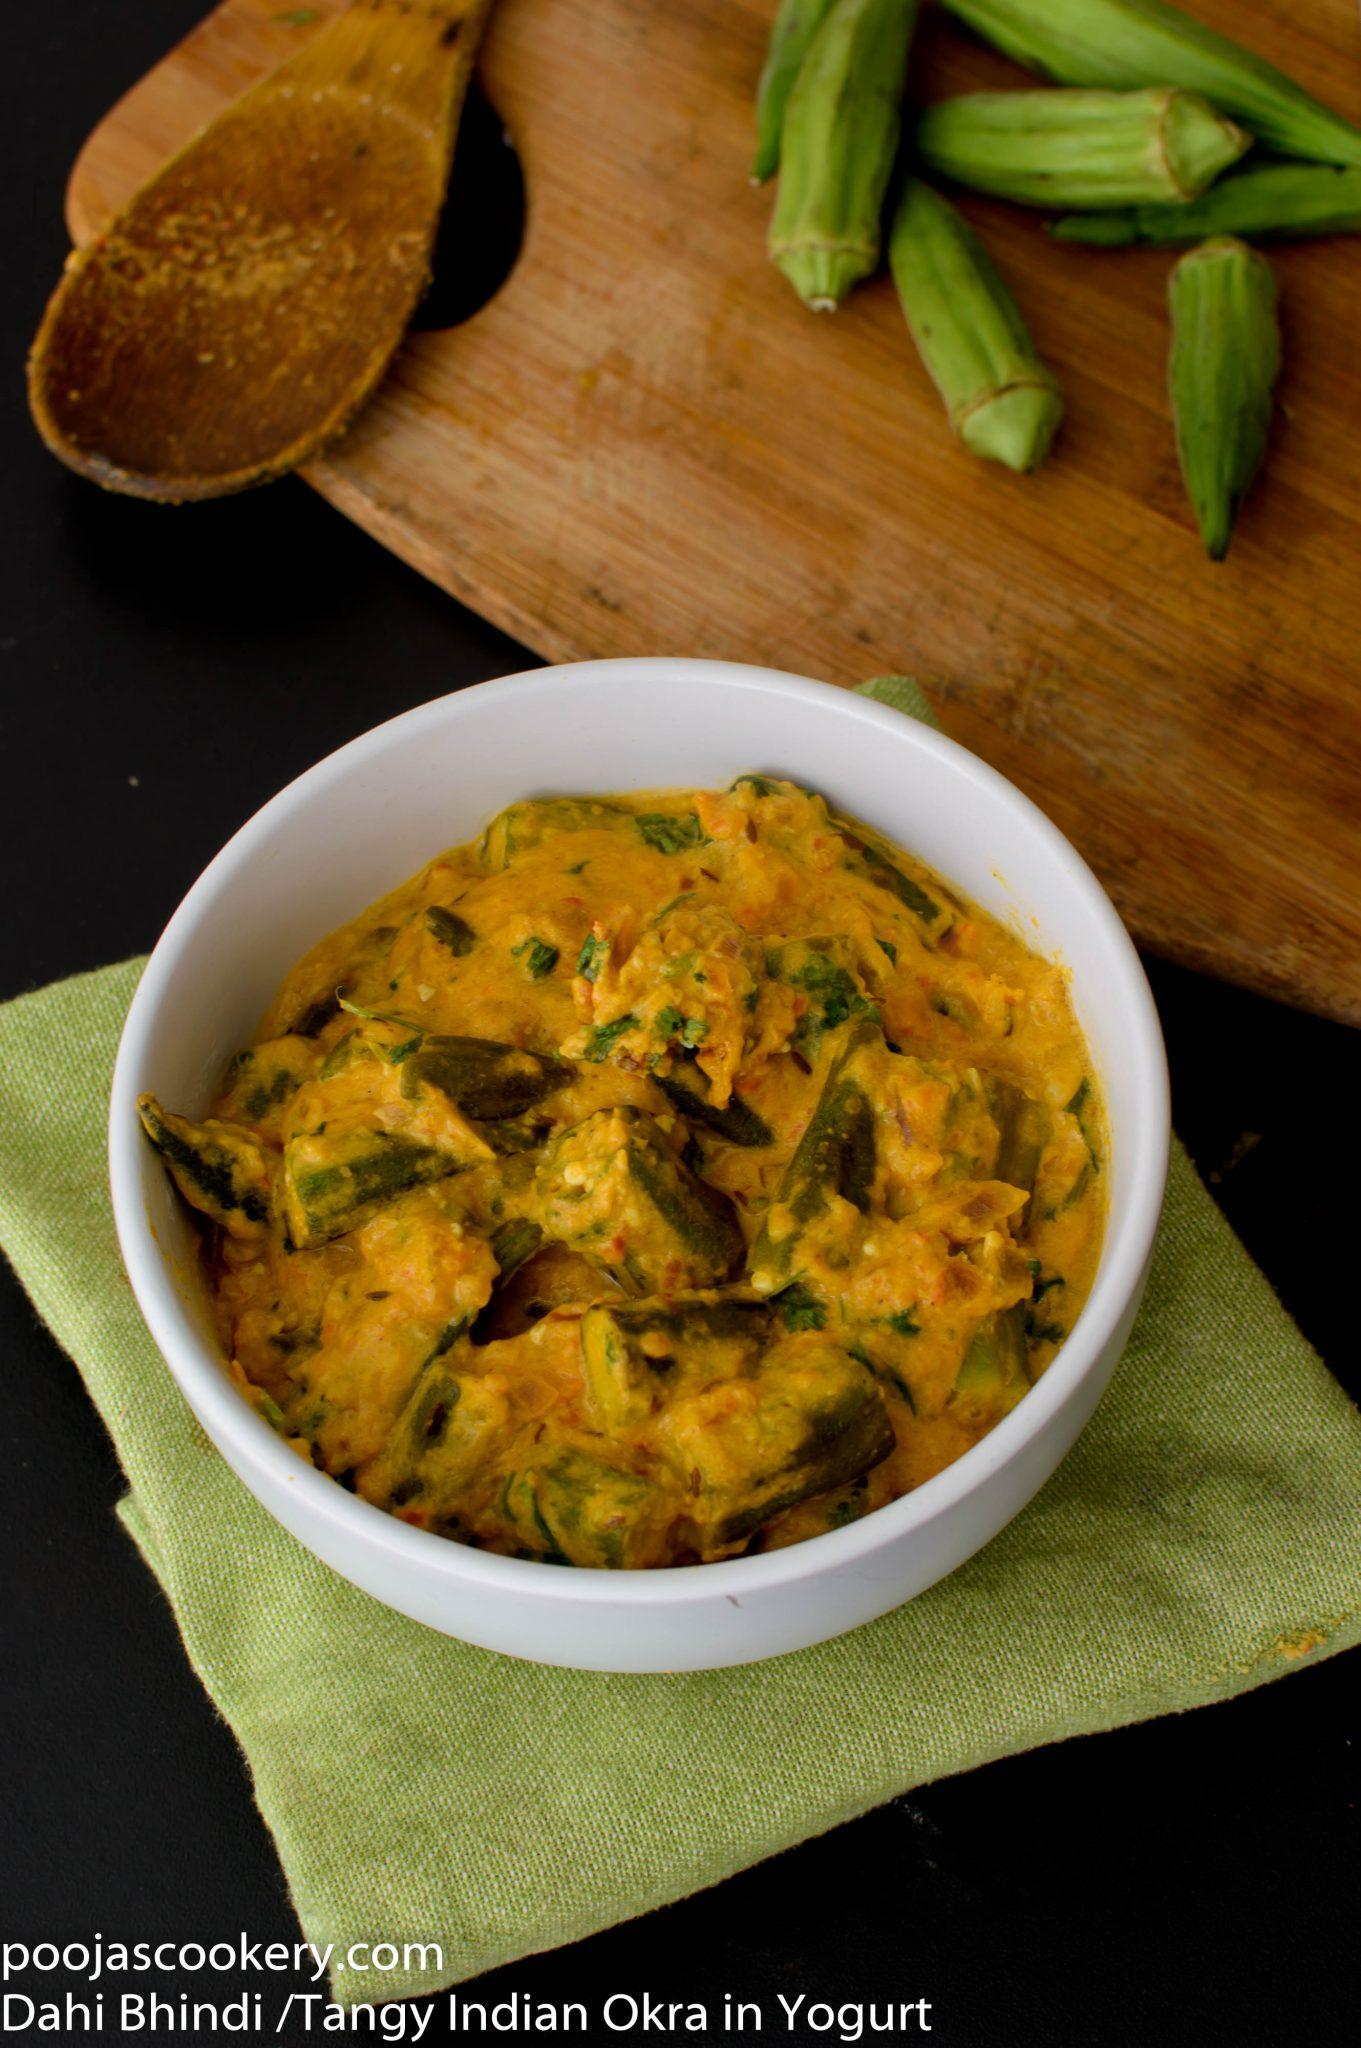 dahi bhindi